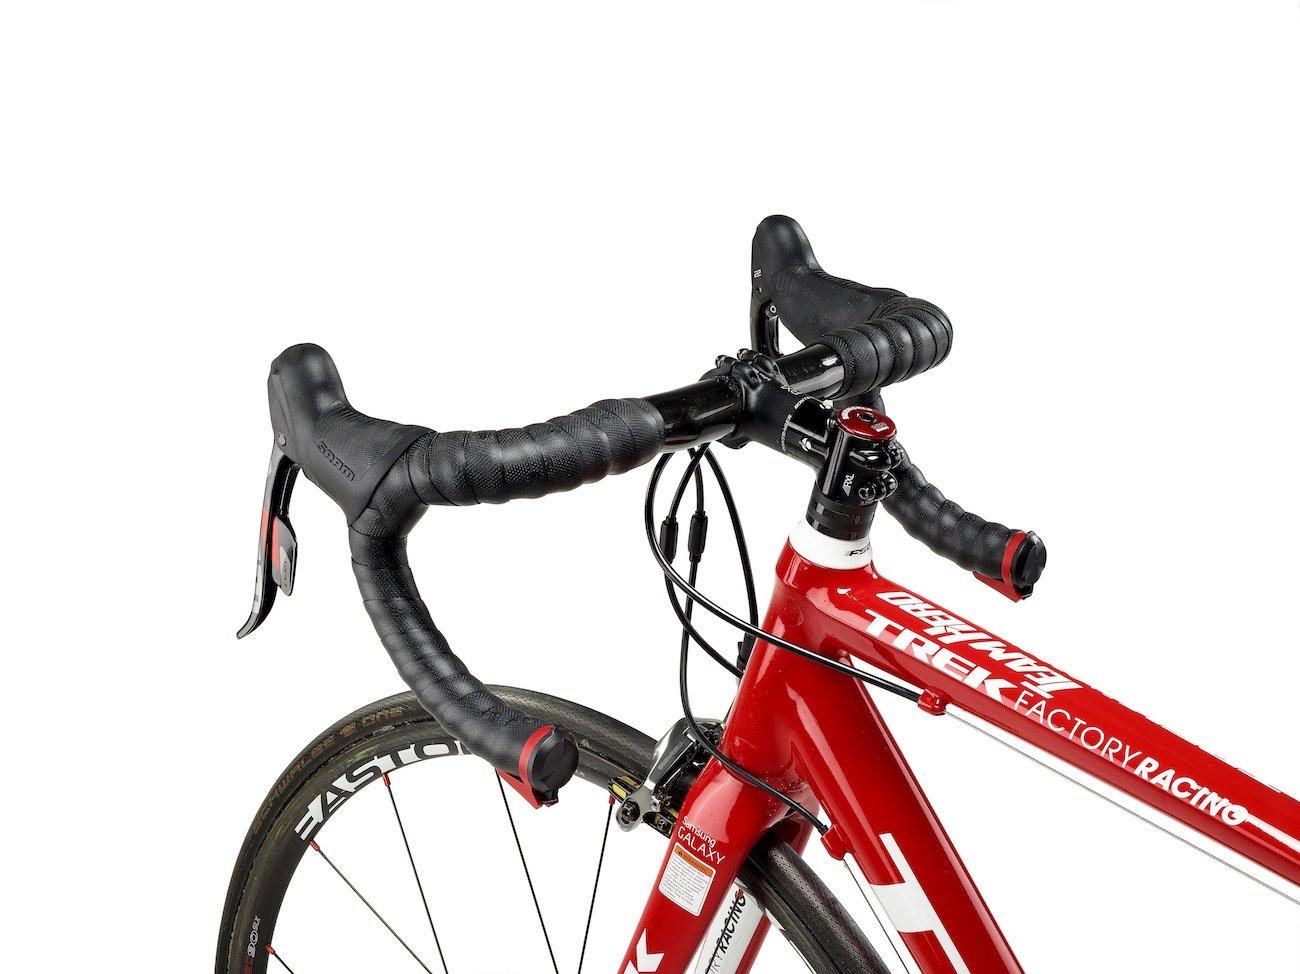 CORKY - Retrovisor para bicicleta de carreras (Rojo): Amazon.es: Deportes y aire libre